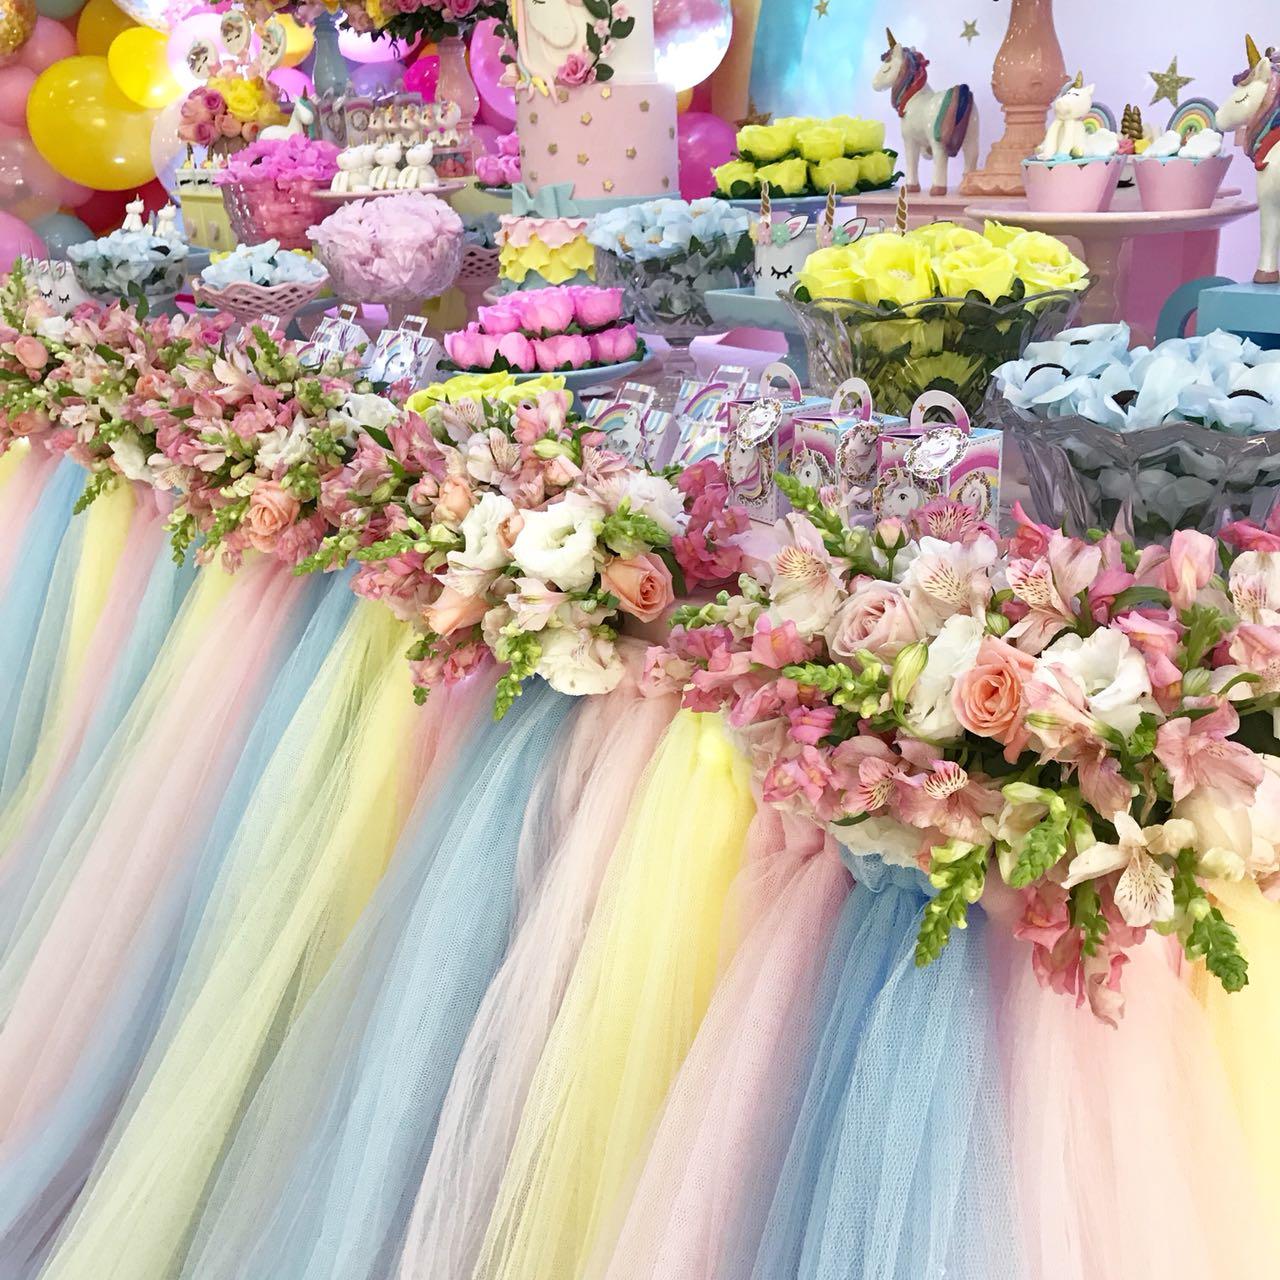 Decoraci n cumplea os unicornio decoraciones tematicas for Decoracion para aniversario